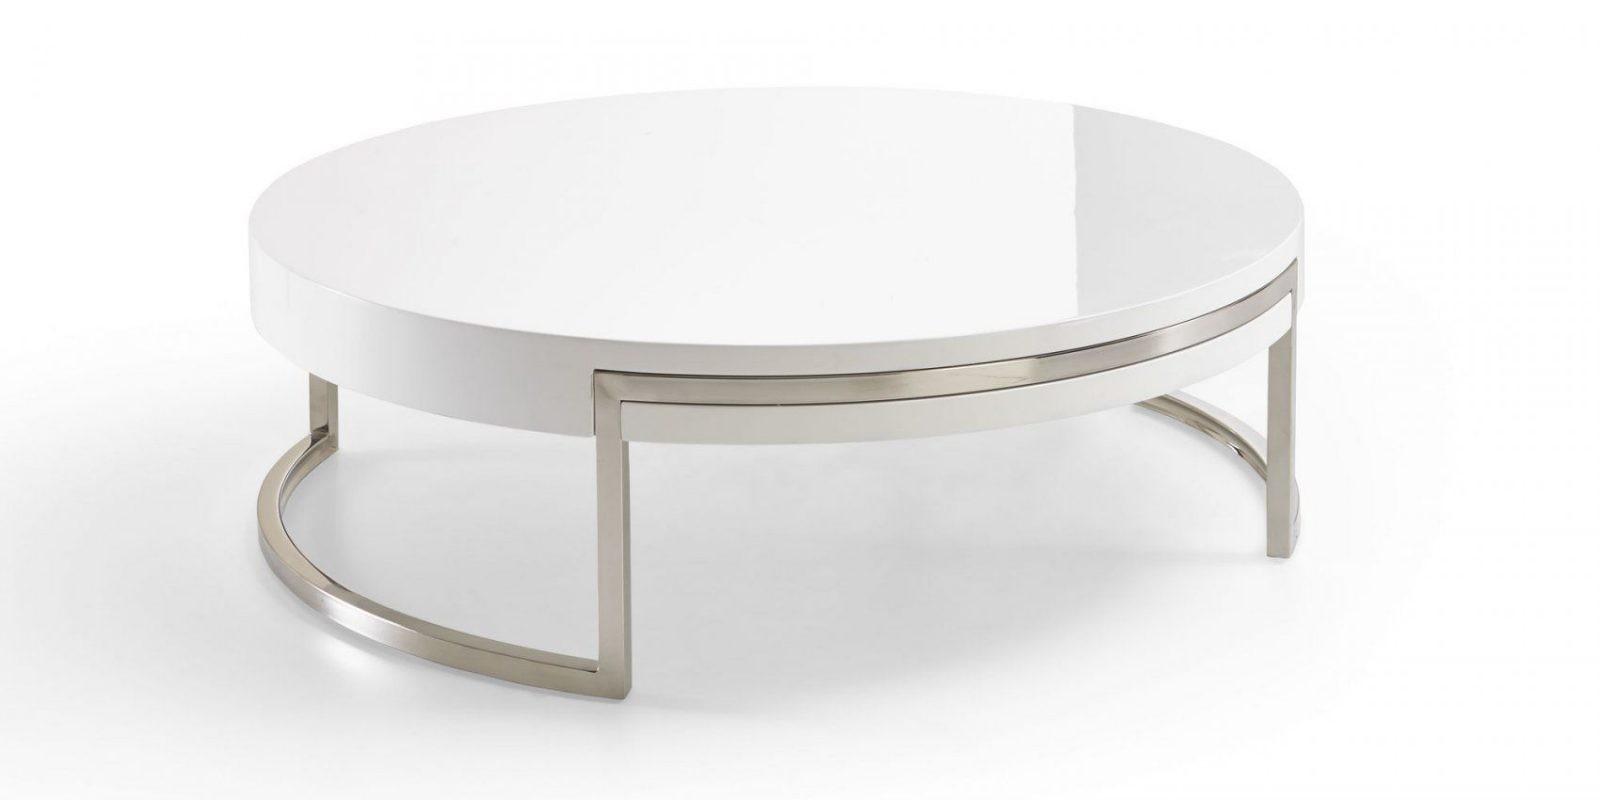 Beistelltisch Weiß Hochglanz Beste Von Architektur Kleiner Tisch von Beistelltisch Weiß Hochglanz Rund Photo